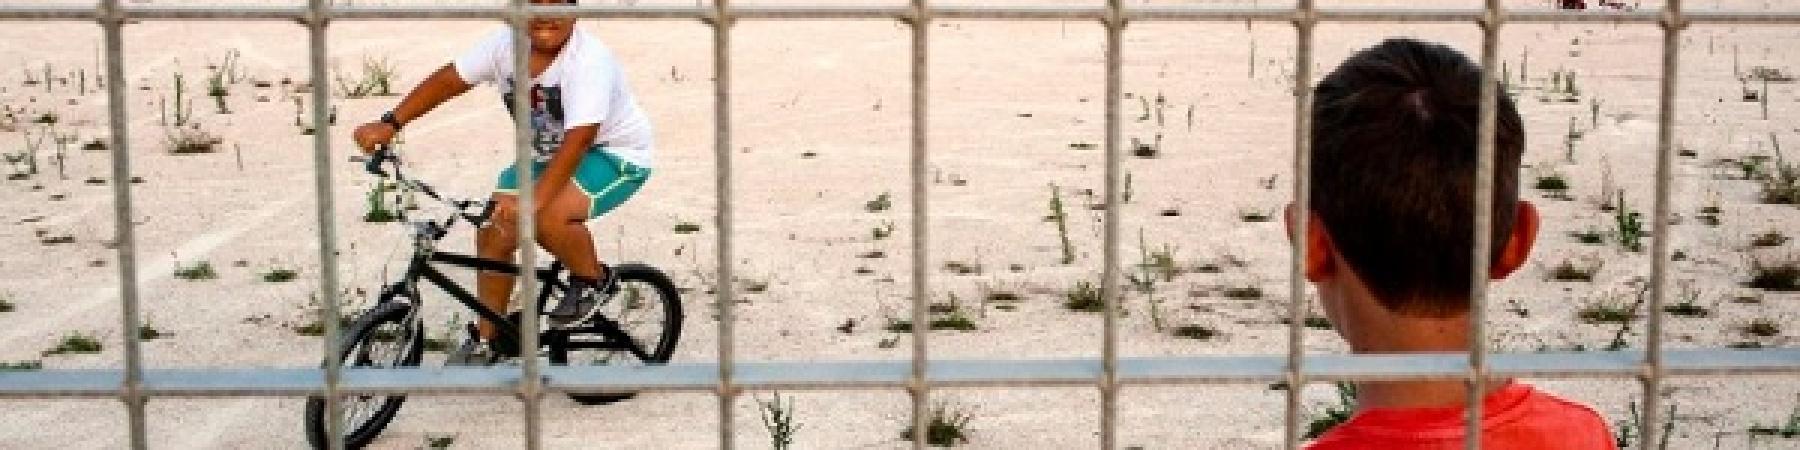 """""""Il mio quartiere è un circuito chiuso"""" dice un ragazzo del quartiere Perrino di Brindisi. Nel nuovo Atlante dell'Infanzia (a rischio) in Italia di Save the Children, le fotografie di Riccardo Venturi ci mostrano i circuiti chiusi dove trascorrono il loro tempo i bambini e gli adolescenti."""